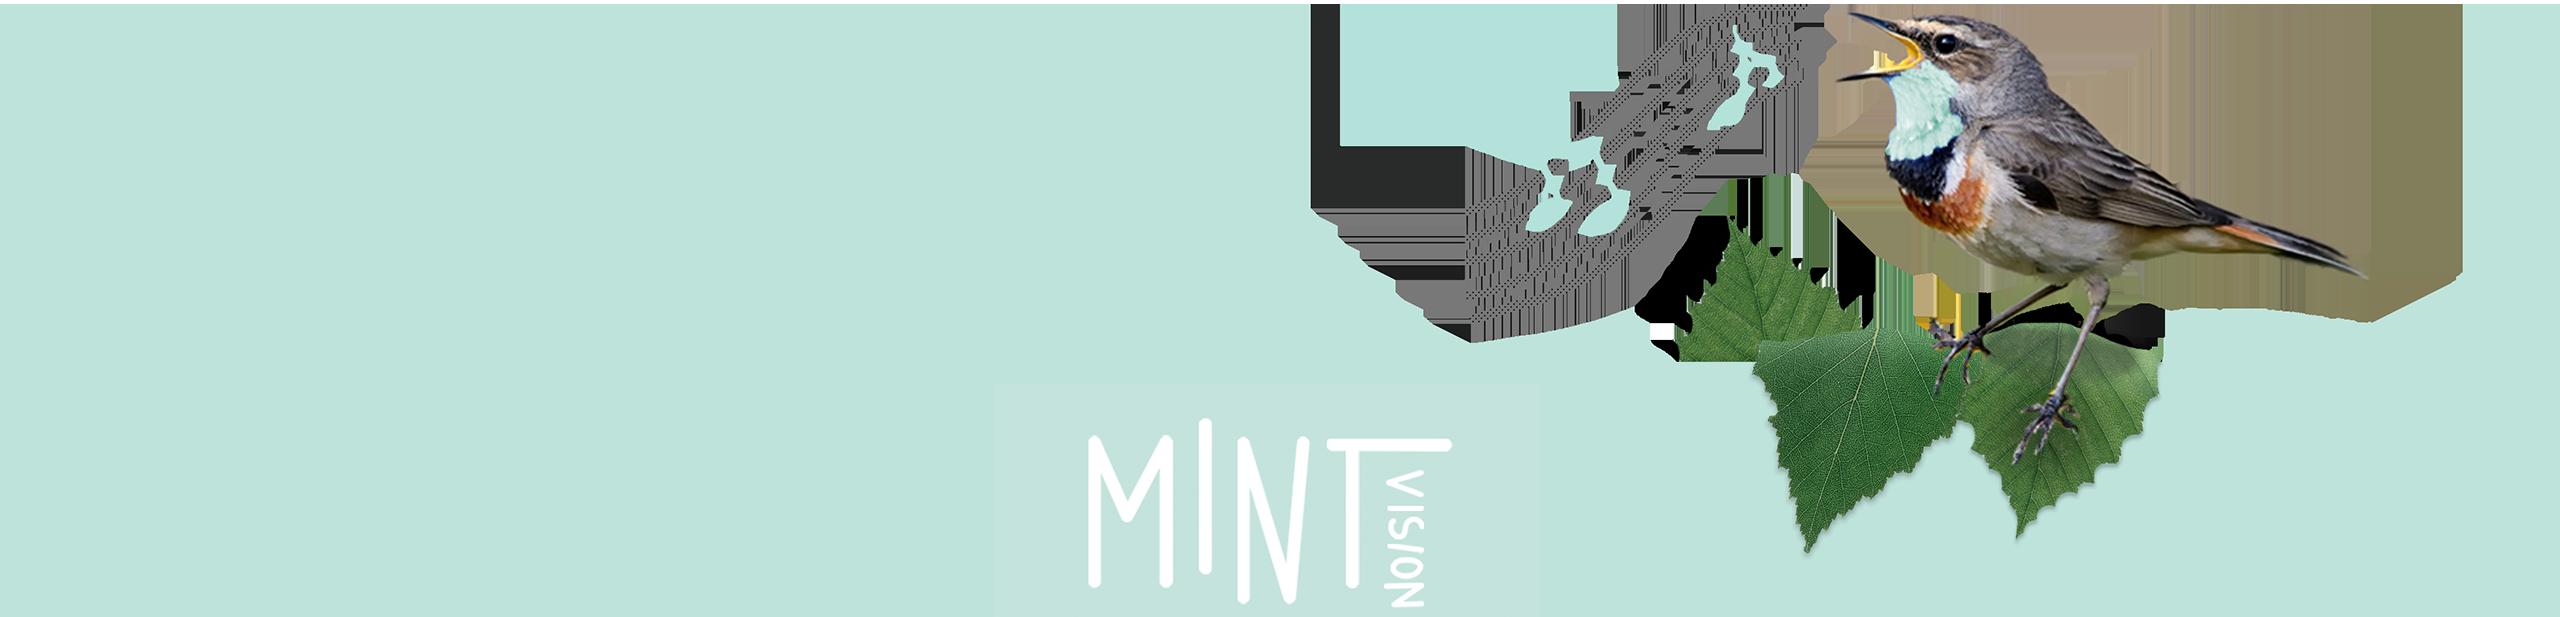 Werbeagentur Hamburg MINTvision